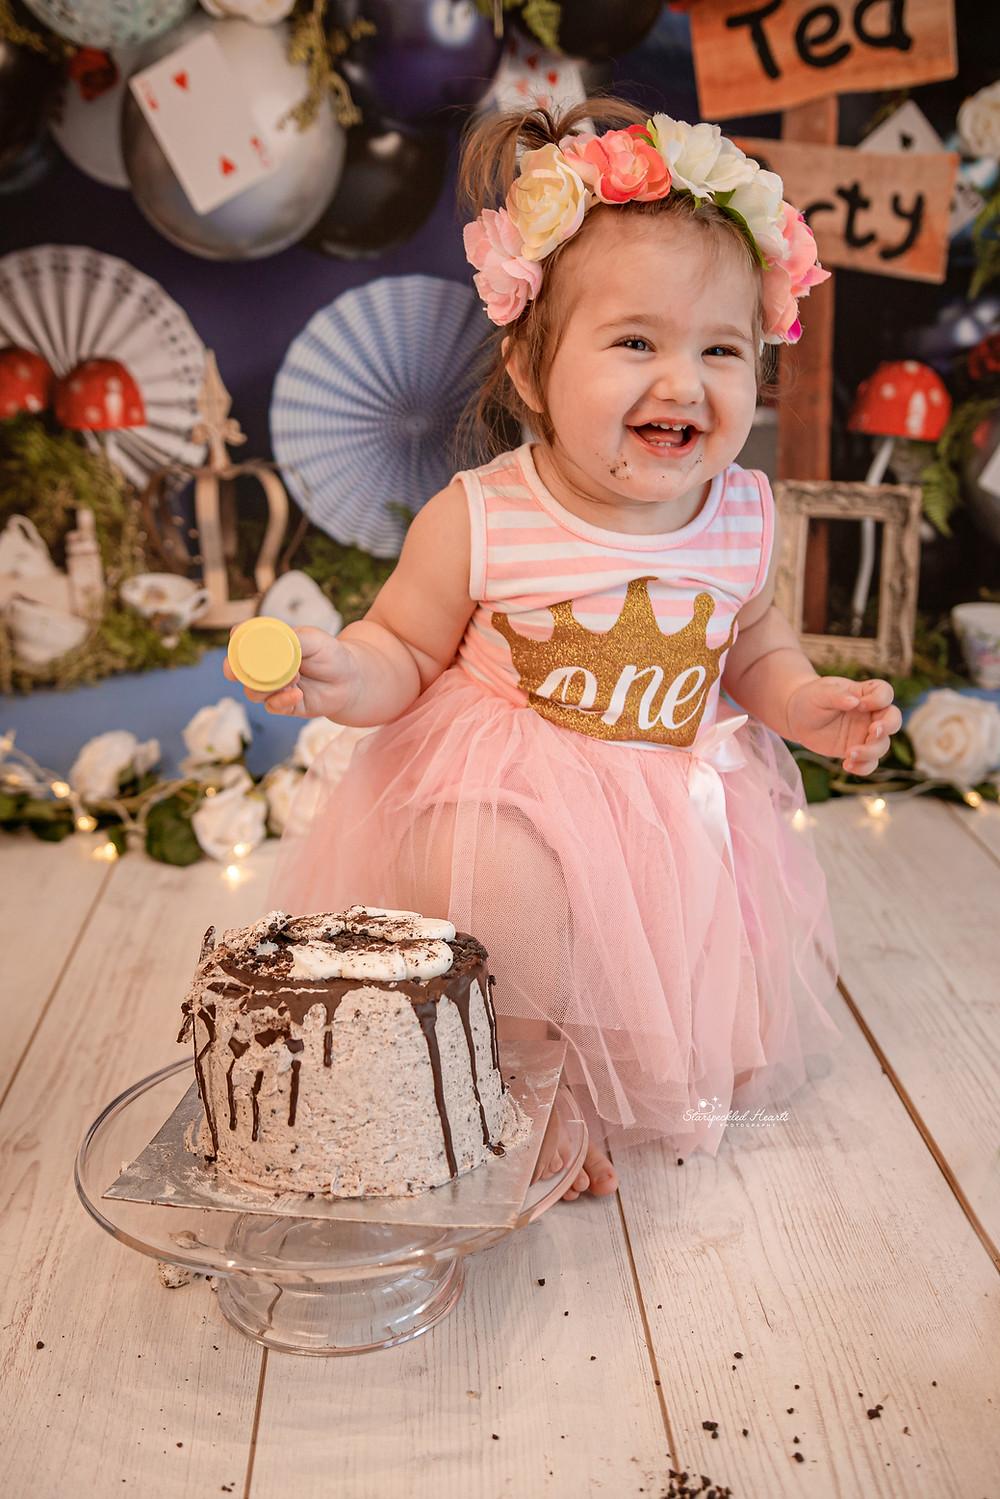 baby girl wearing a pink tutu sitting next to a cake